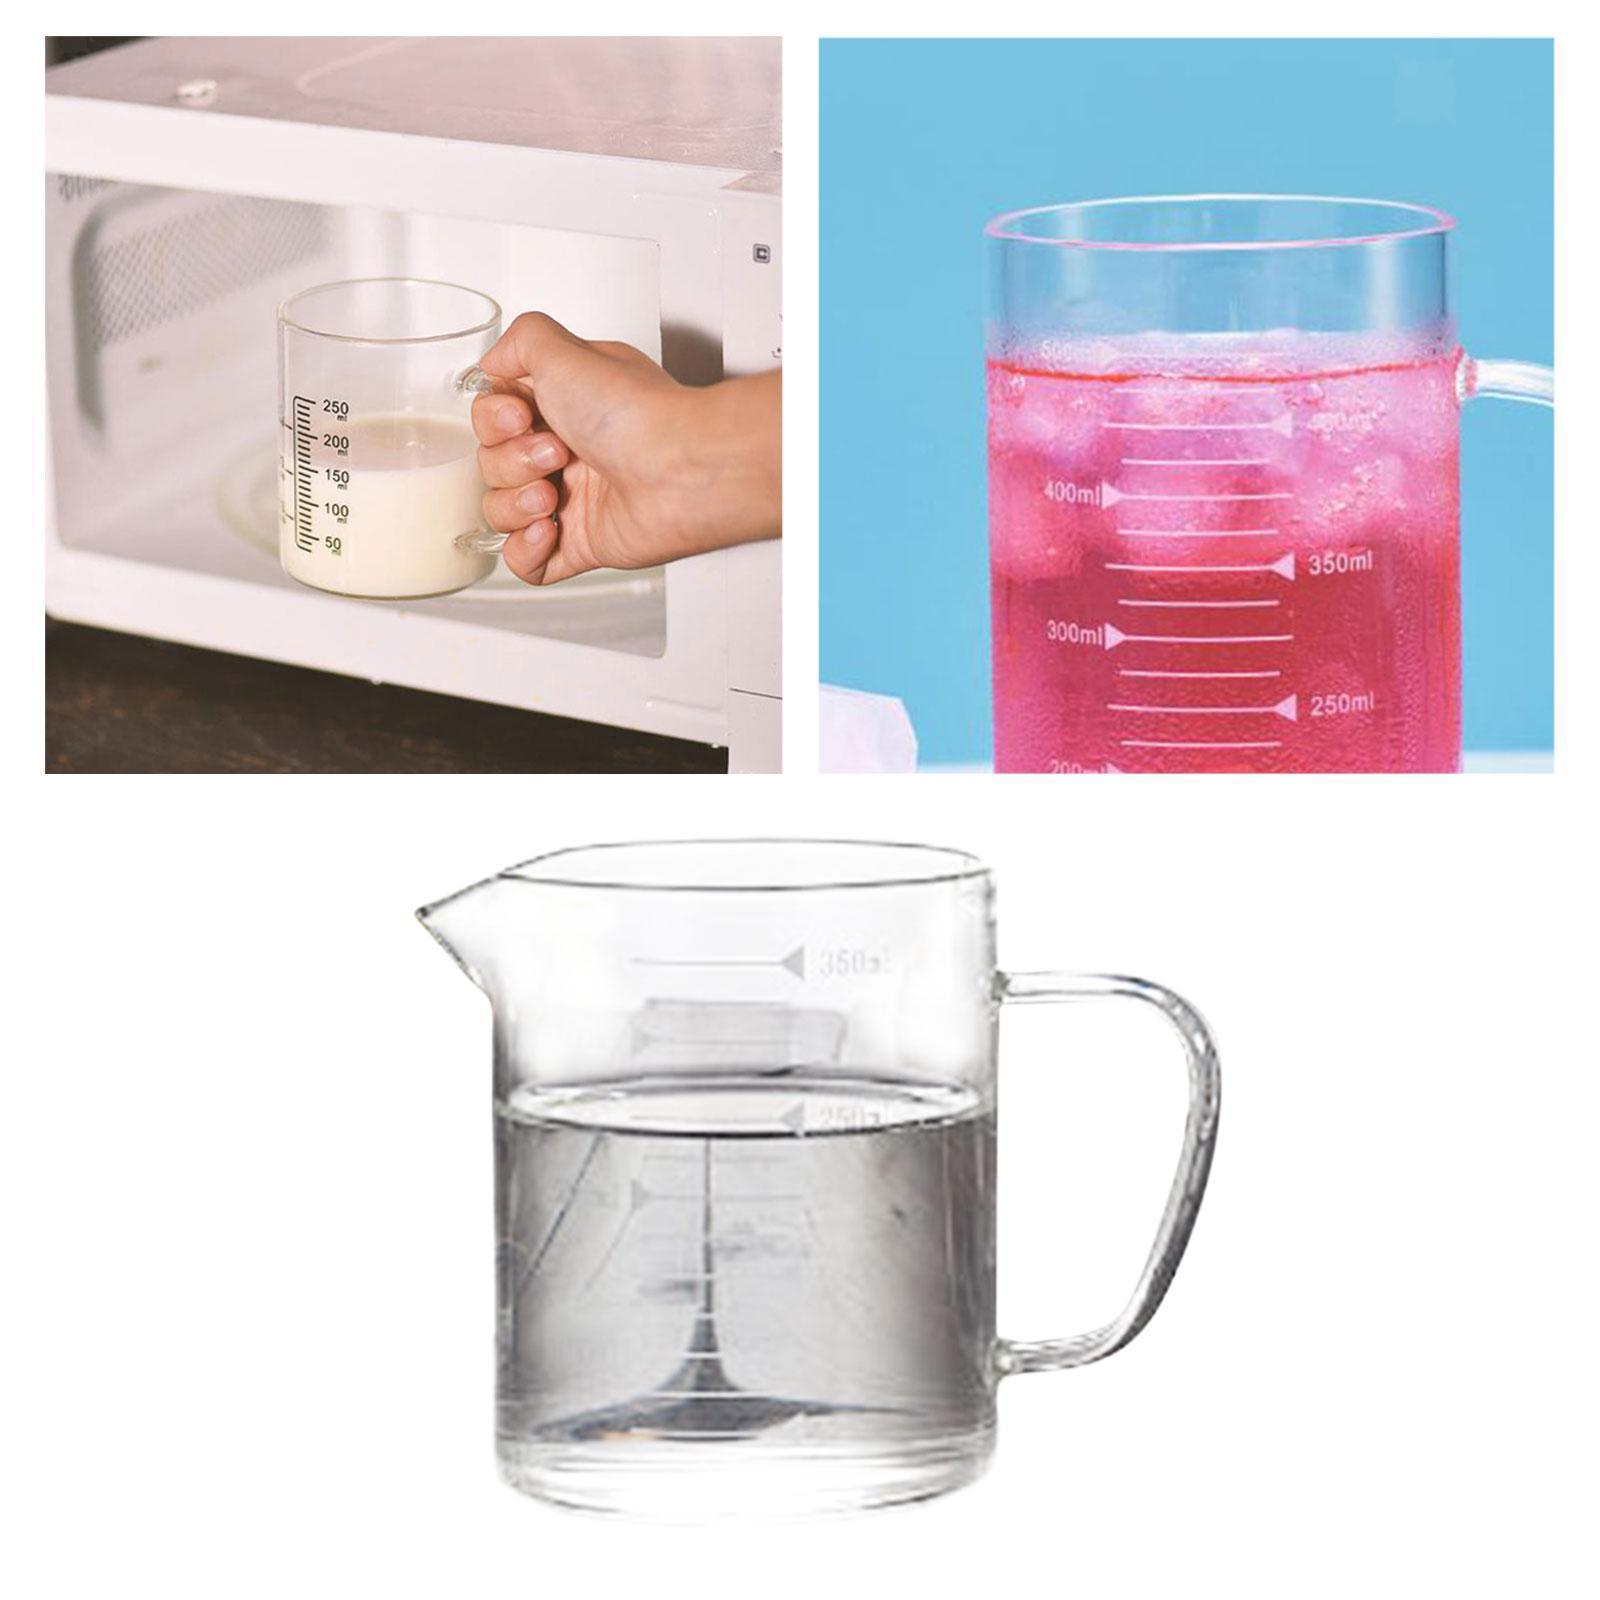 Misurino-in-vetro-borosilicato-con-intervalli-di-250-500ML-Accessori-da-cucina miniatura 19